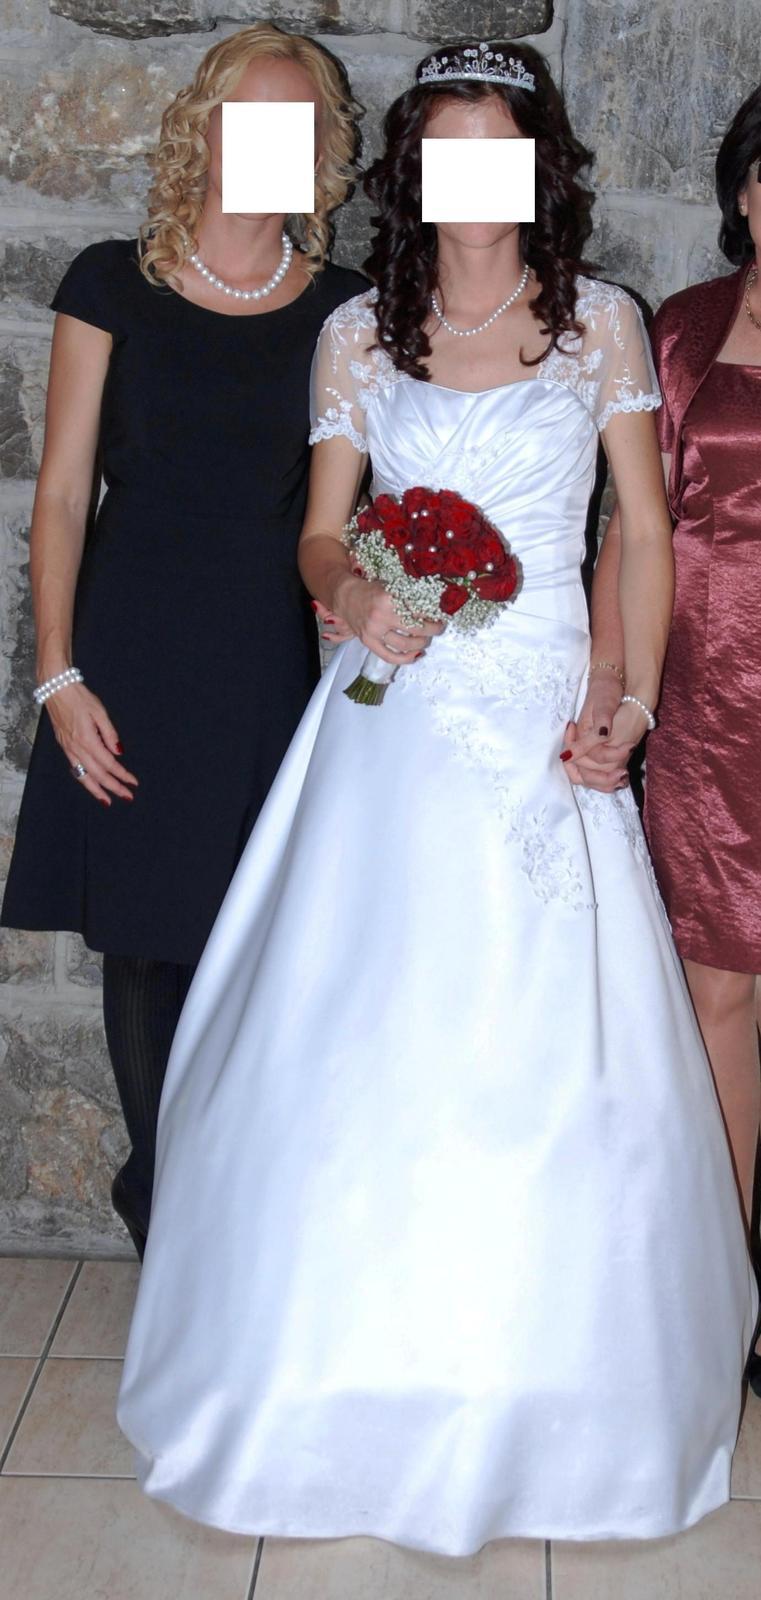 Svadobné šaty s Krajkovými rukávmi - veľ.34/36 - Obrázok č. 1